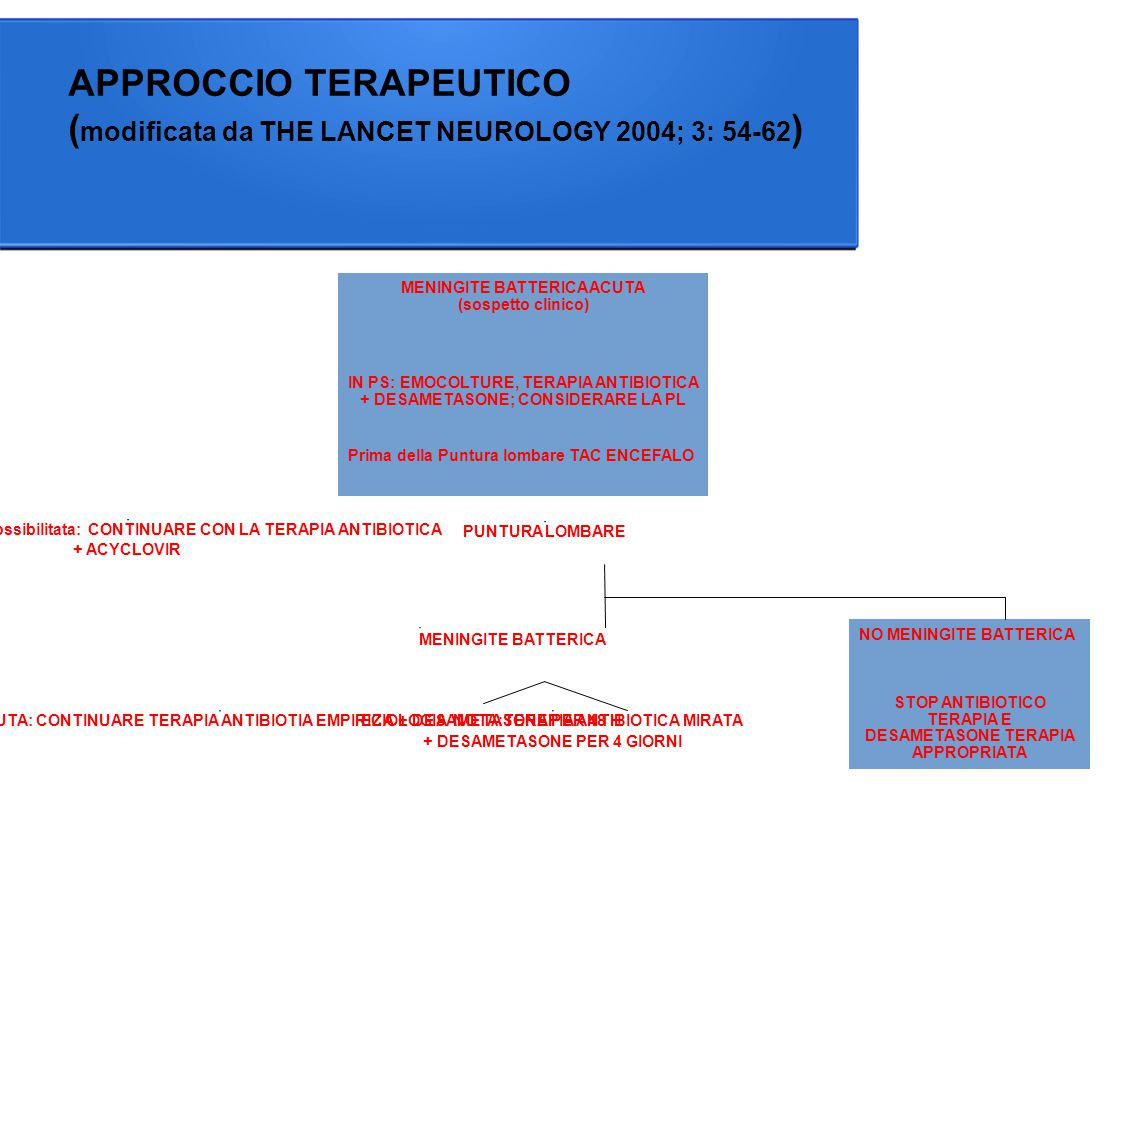 APPROCCIO TERAPEUTICO ( modificata da THE LANCET NEUROLOGY 2004; 3: 54-62 ) PL controindicata o impossibilitata: CONTINUARE CON LA TERAPIA ANTIBIOTICA + ACYCLOVIR EZIOLOGIA SCONOSCIUTA: CONTINUARE TERAPIA ANTIBIOTIA EMPIRICA + DESAMETASONE PER 48 H EZIOLOGIA NOTA:TERAPIA ANTIBIOTICA MIRATA + DESAMETASONE PER 4 GIORNI MENINGITE BATTERICA PUNTURA LOMBARE NO MENINGITE BATTERICA STOP ANTIBIOTICO TERAPIA E DESAMETASONE TERAPIA APPROPRIATA MENINGITE BATTERICA ACUTA (sospetto clinico) IN PS: EMOCOLTURE, TERAPIA ANTIBIOTICA + DESAMETASONE; CONSIDERARE LA PL Prima della Puntura lombare TAC ENCEFALO